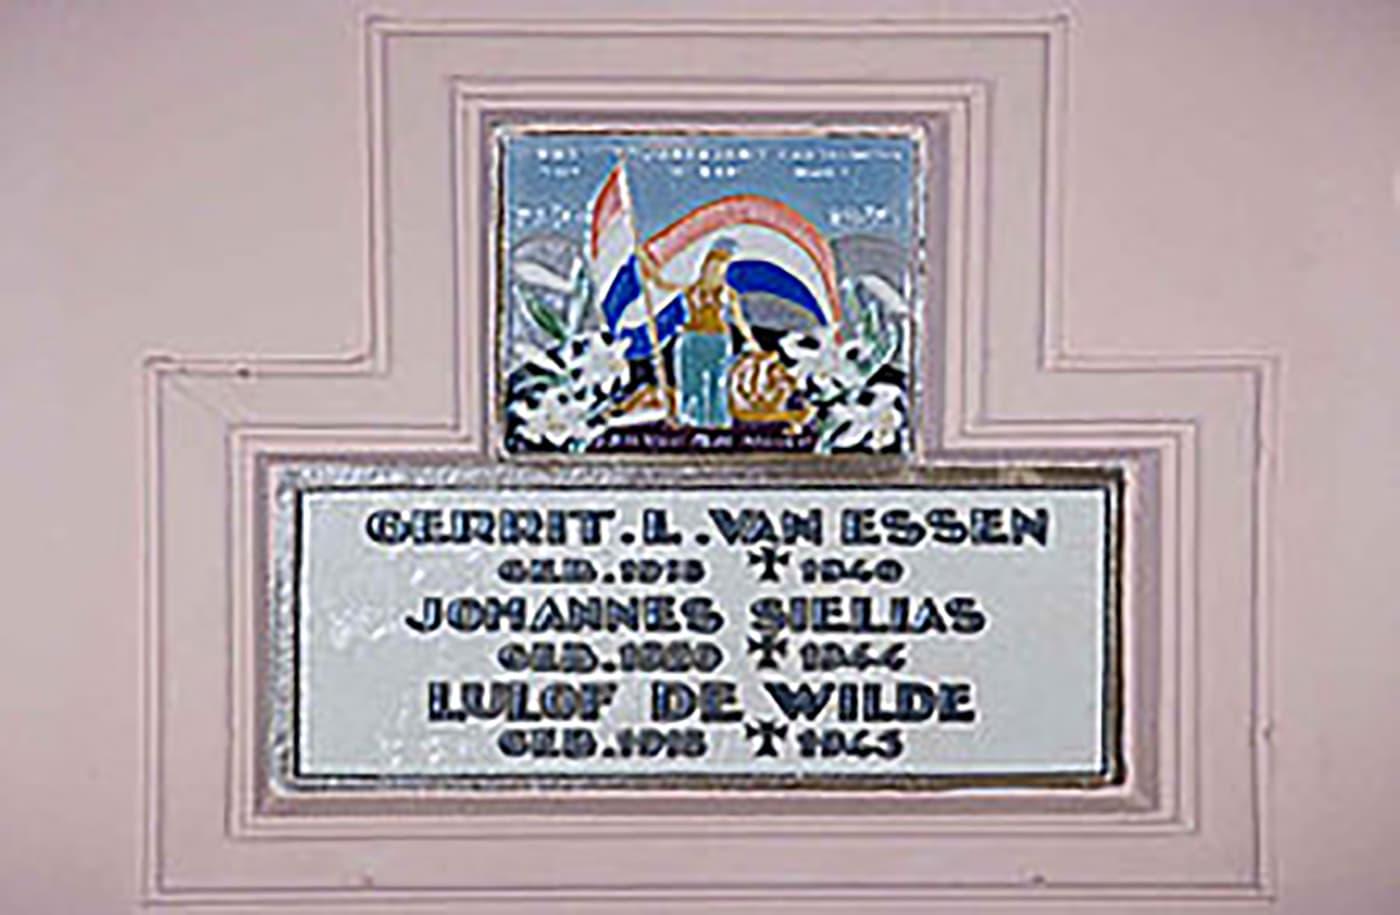 Gedenktegel kapel Hoog Soeren